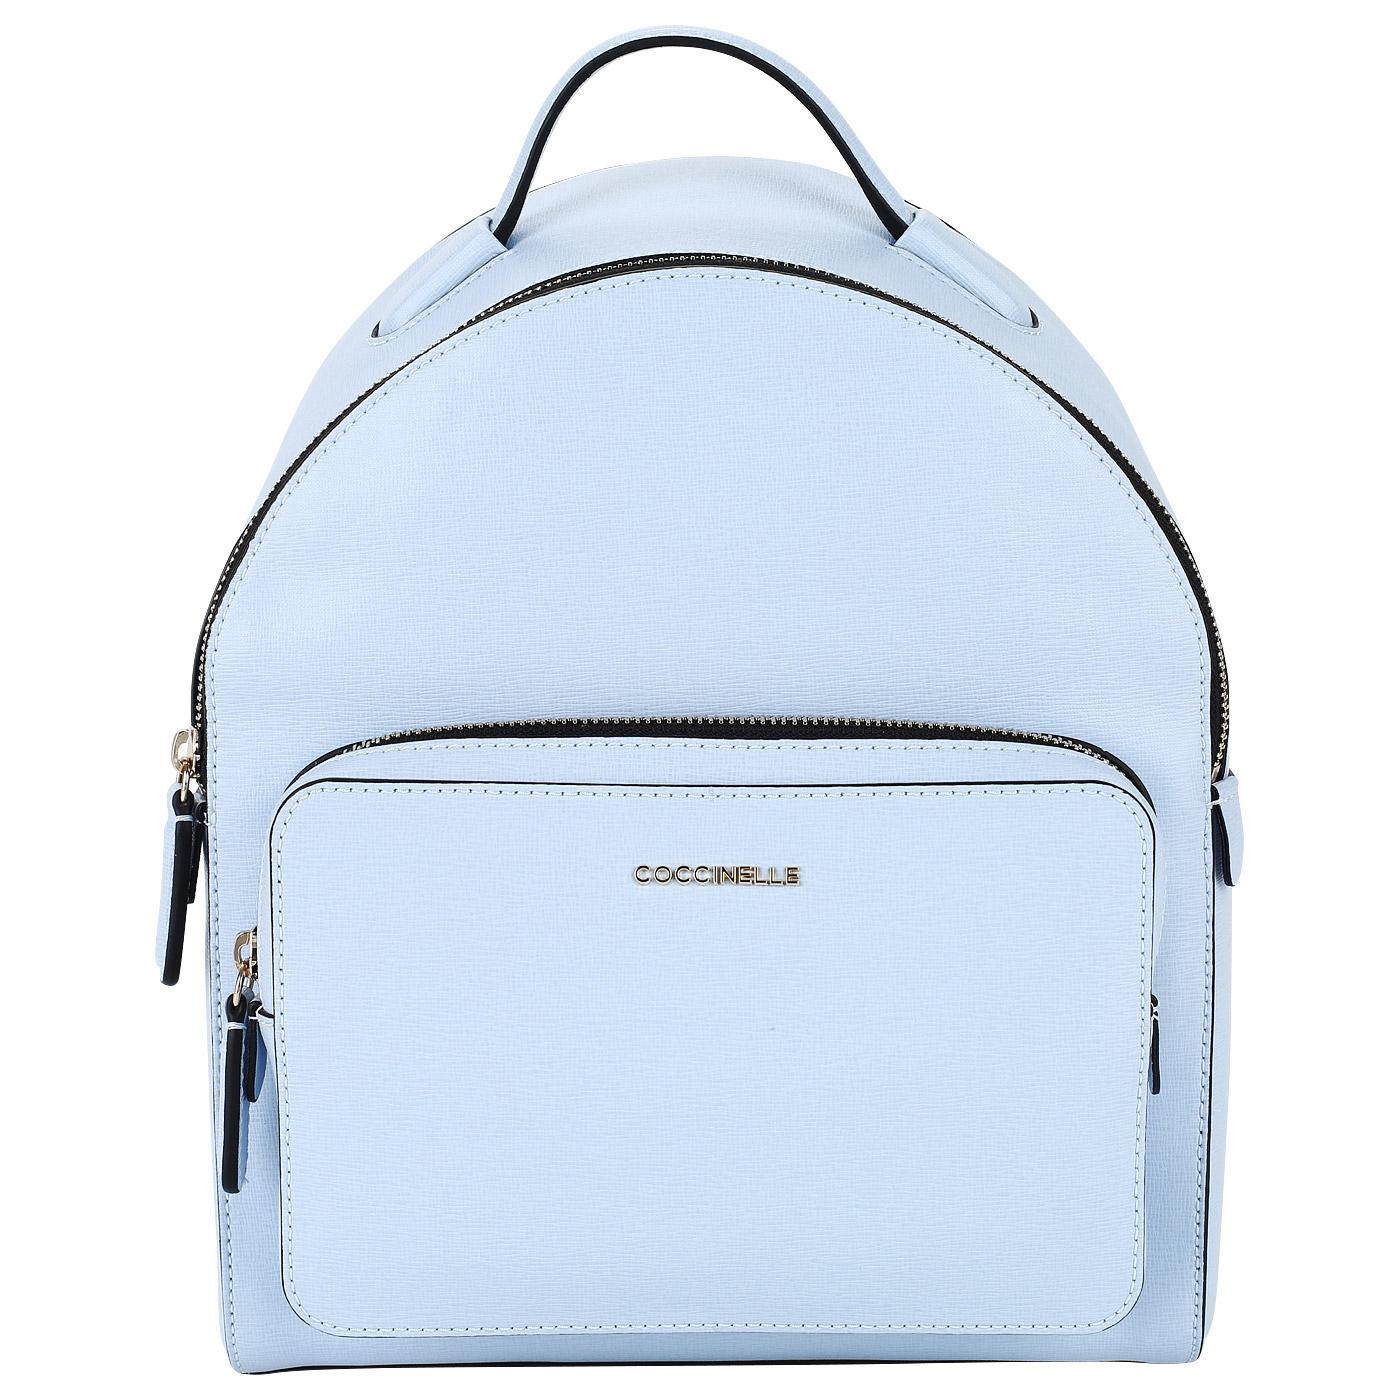 Женский городской рюкзак на молнии Coccinelle Yamilet BF5 14 01 ... 5ce5cf99ff9